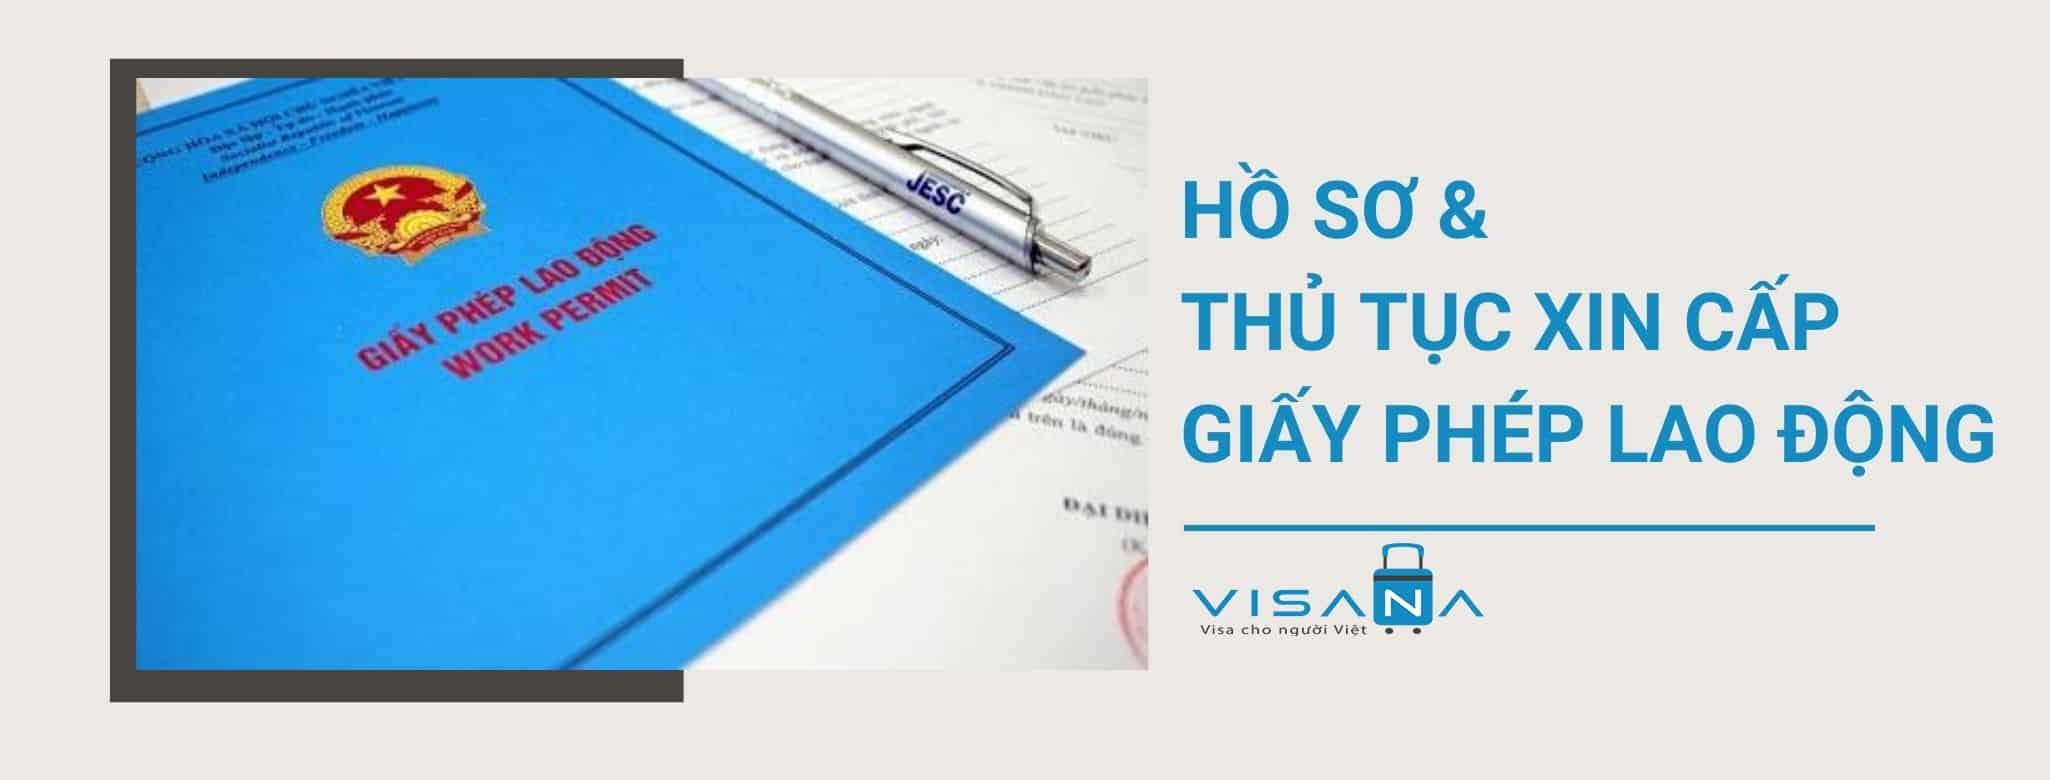 Hồ sơ & Thủ tục xin cấp giấy phép lao động Việt Nam